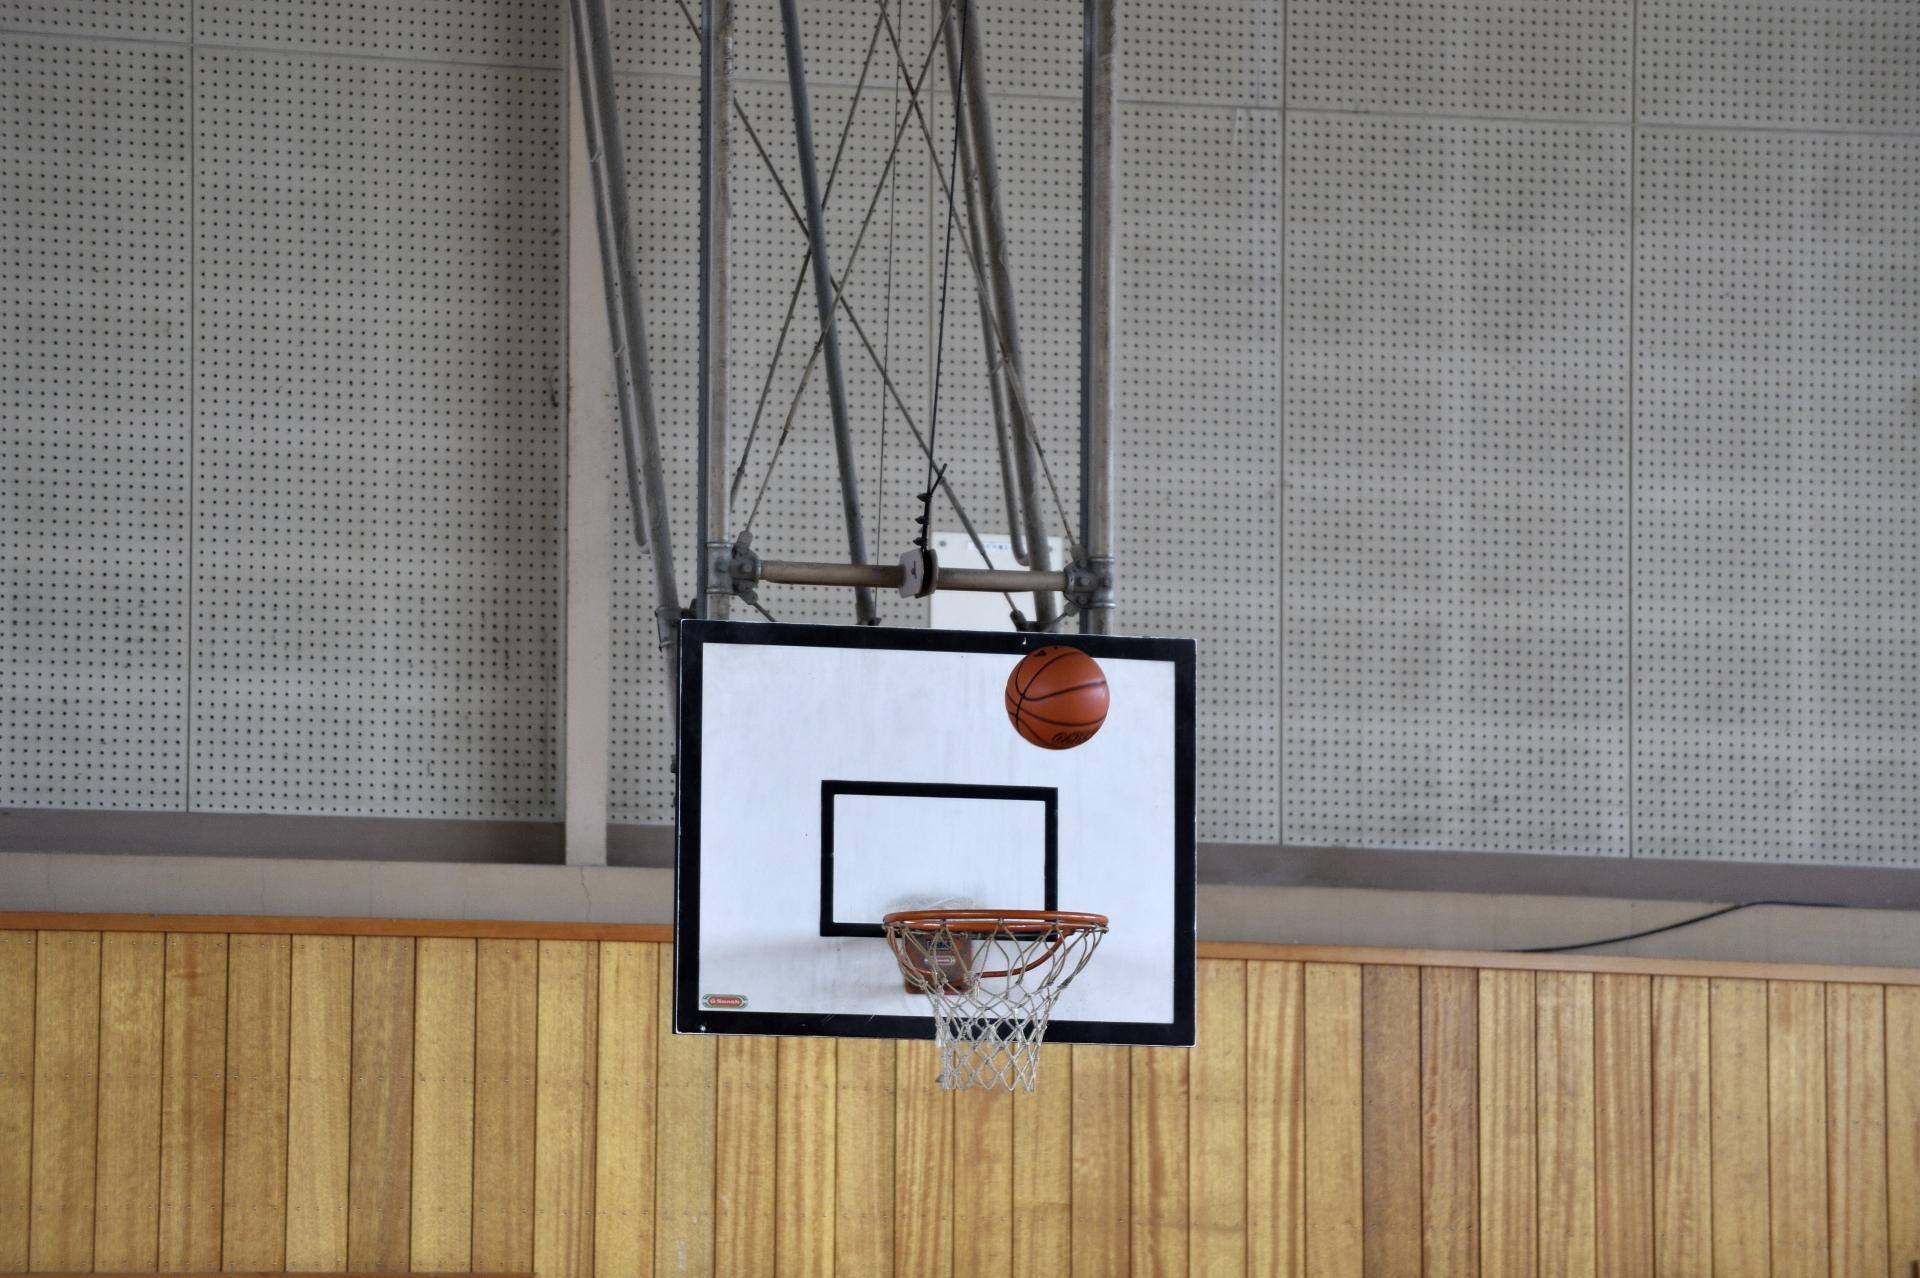 吊り下げ式のバスケットボールゴールは耐震化が進められています